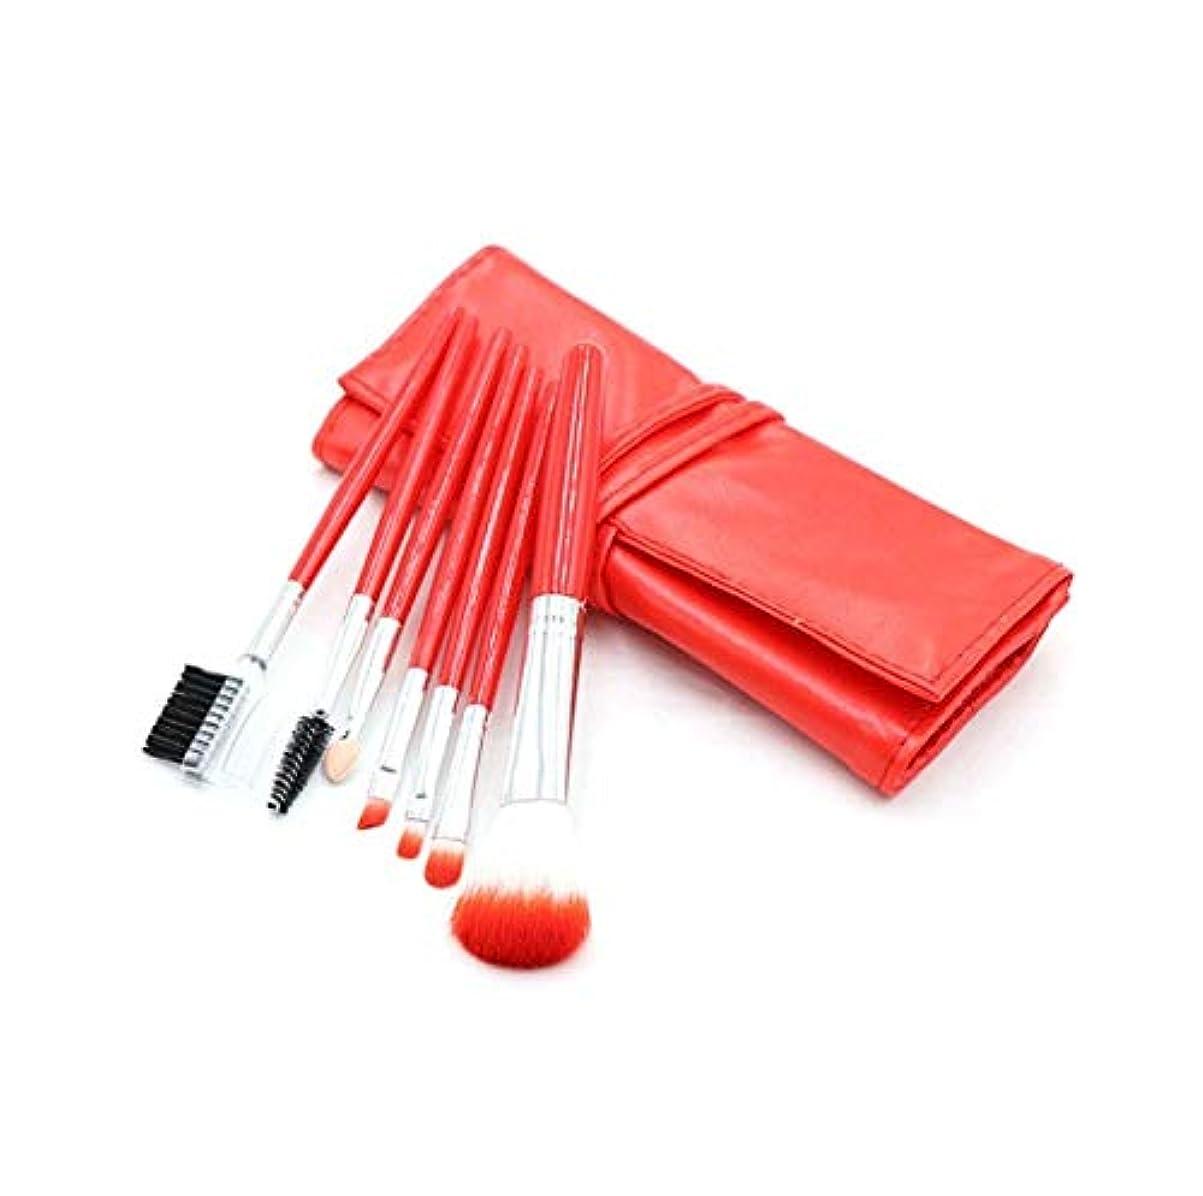 流産カラスケイ素化粧ブラシセット、赤7化粧ブラシ化粧ブラシセットアイシャドウブラシリップブラシ美容化粧道具